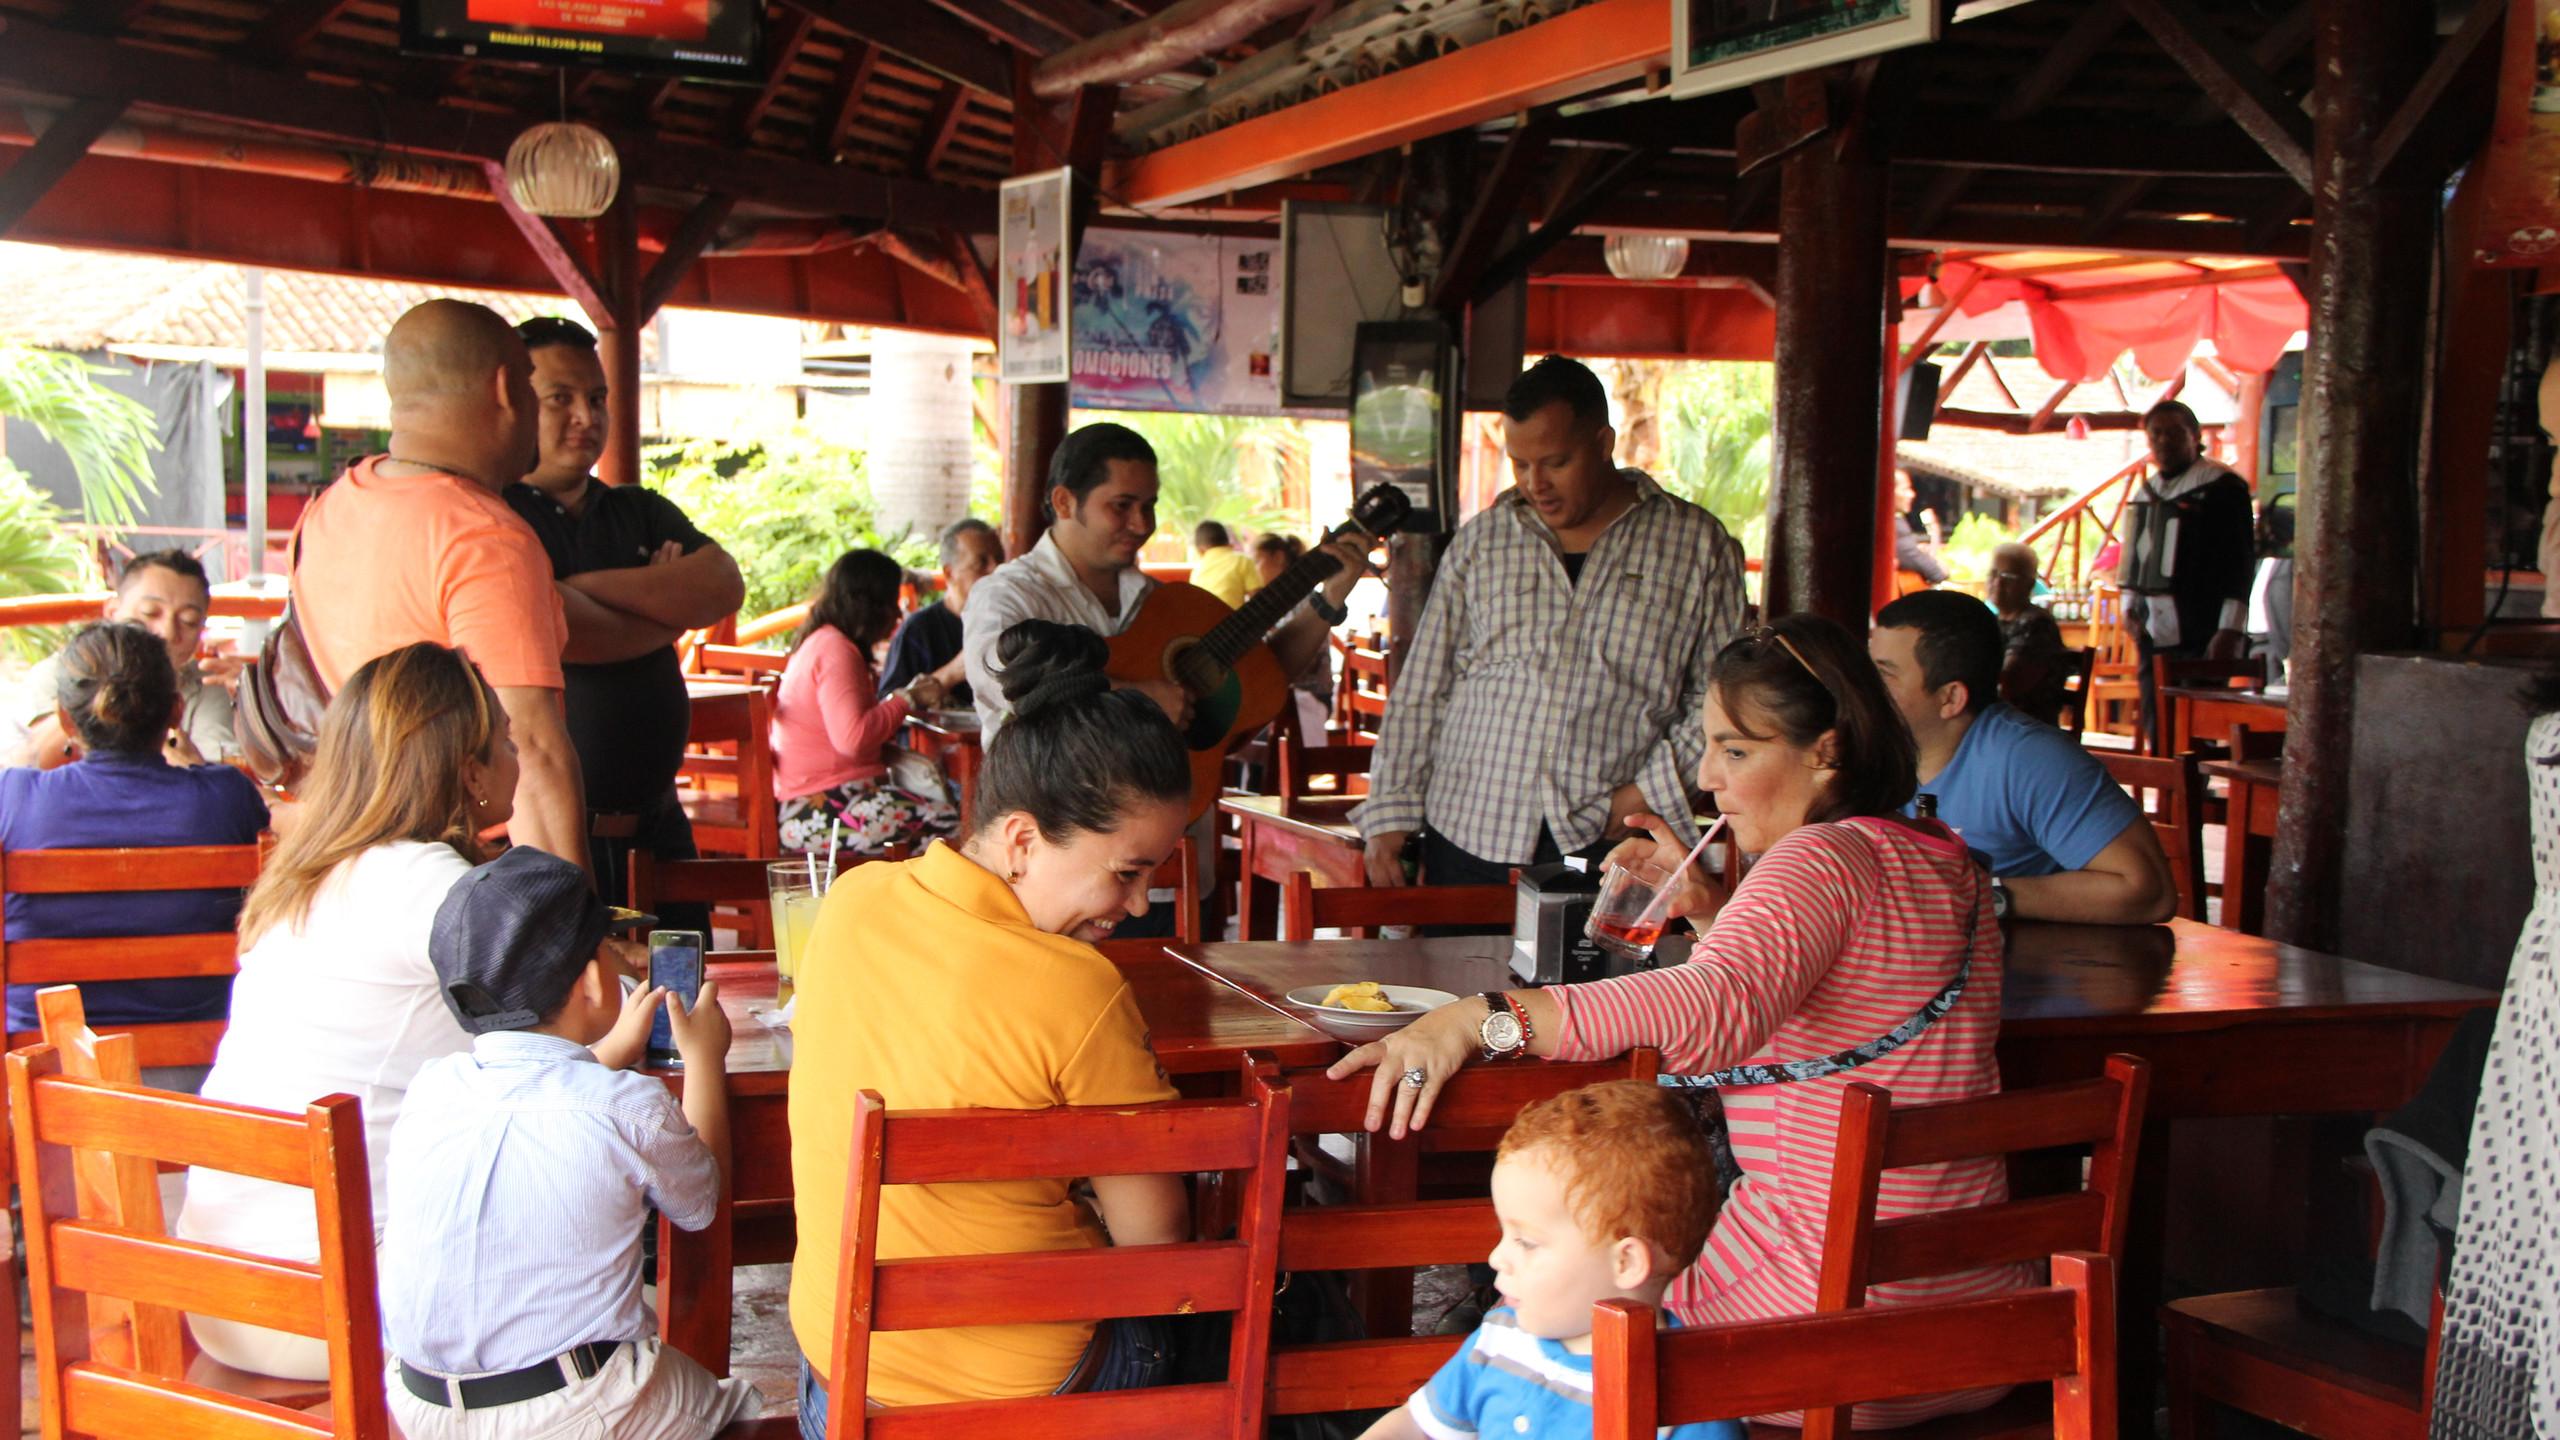 Restaurant in Puerto Salvador